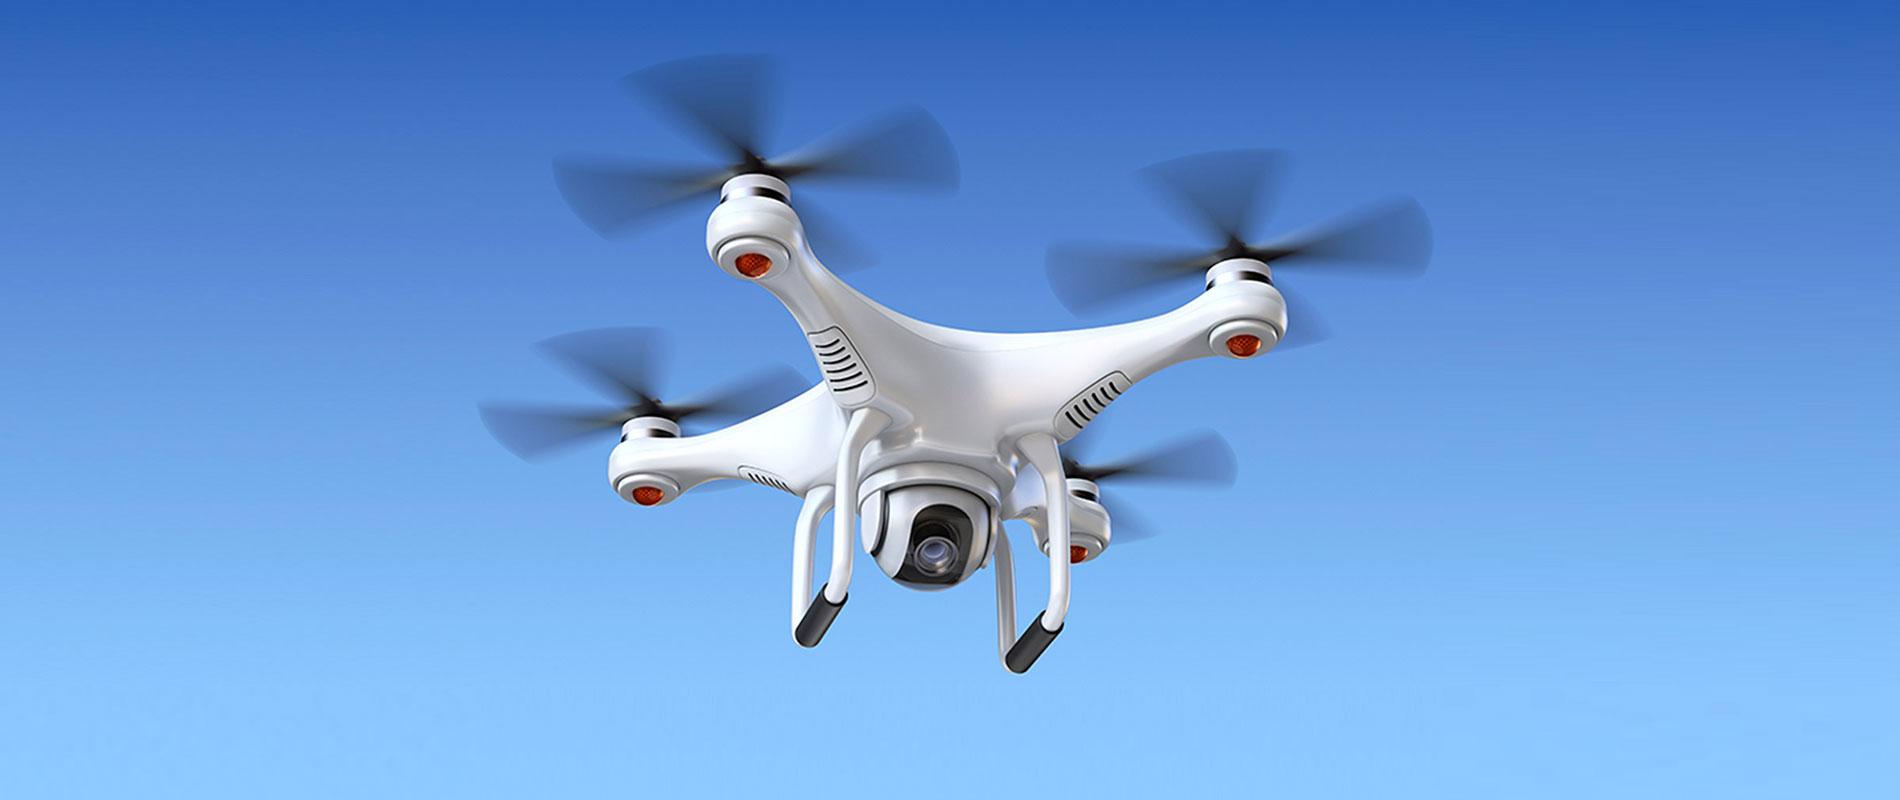 schwebende Drohne